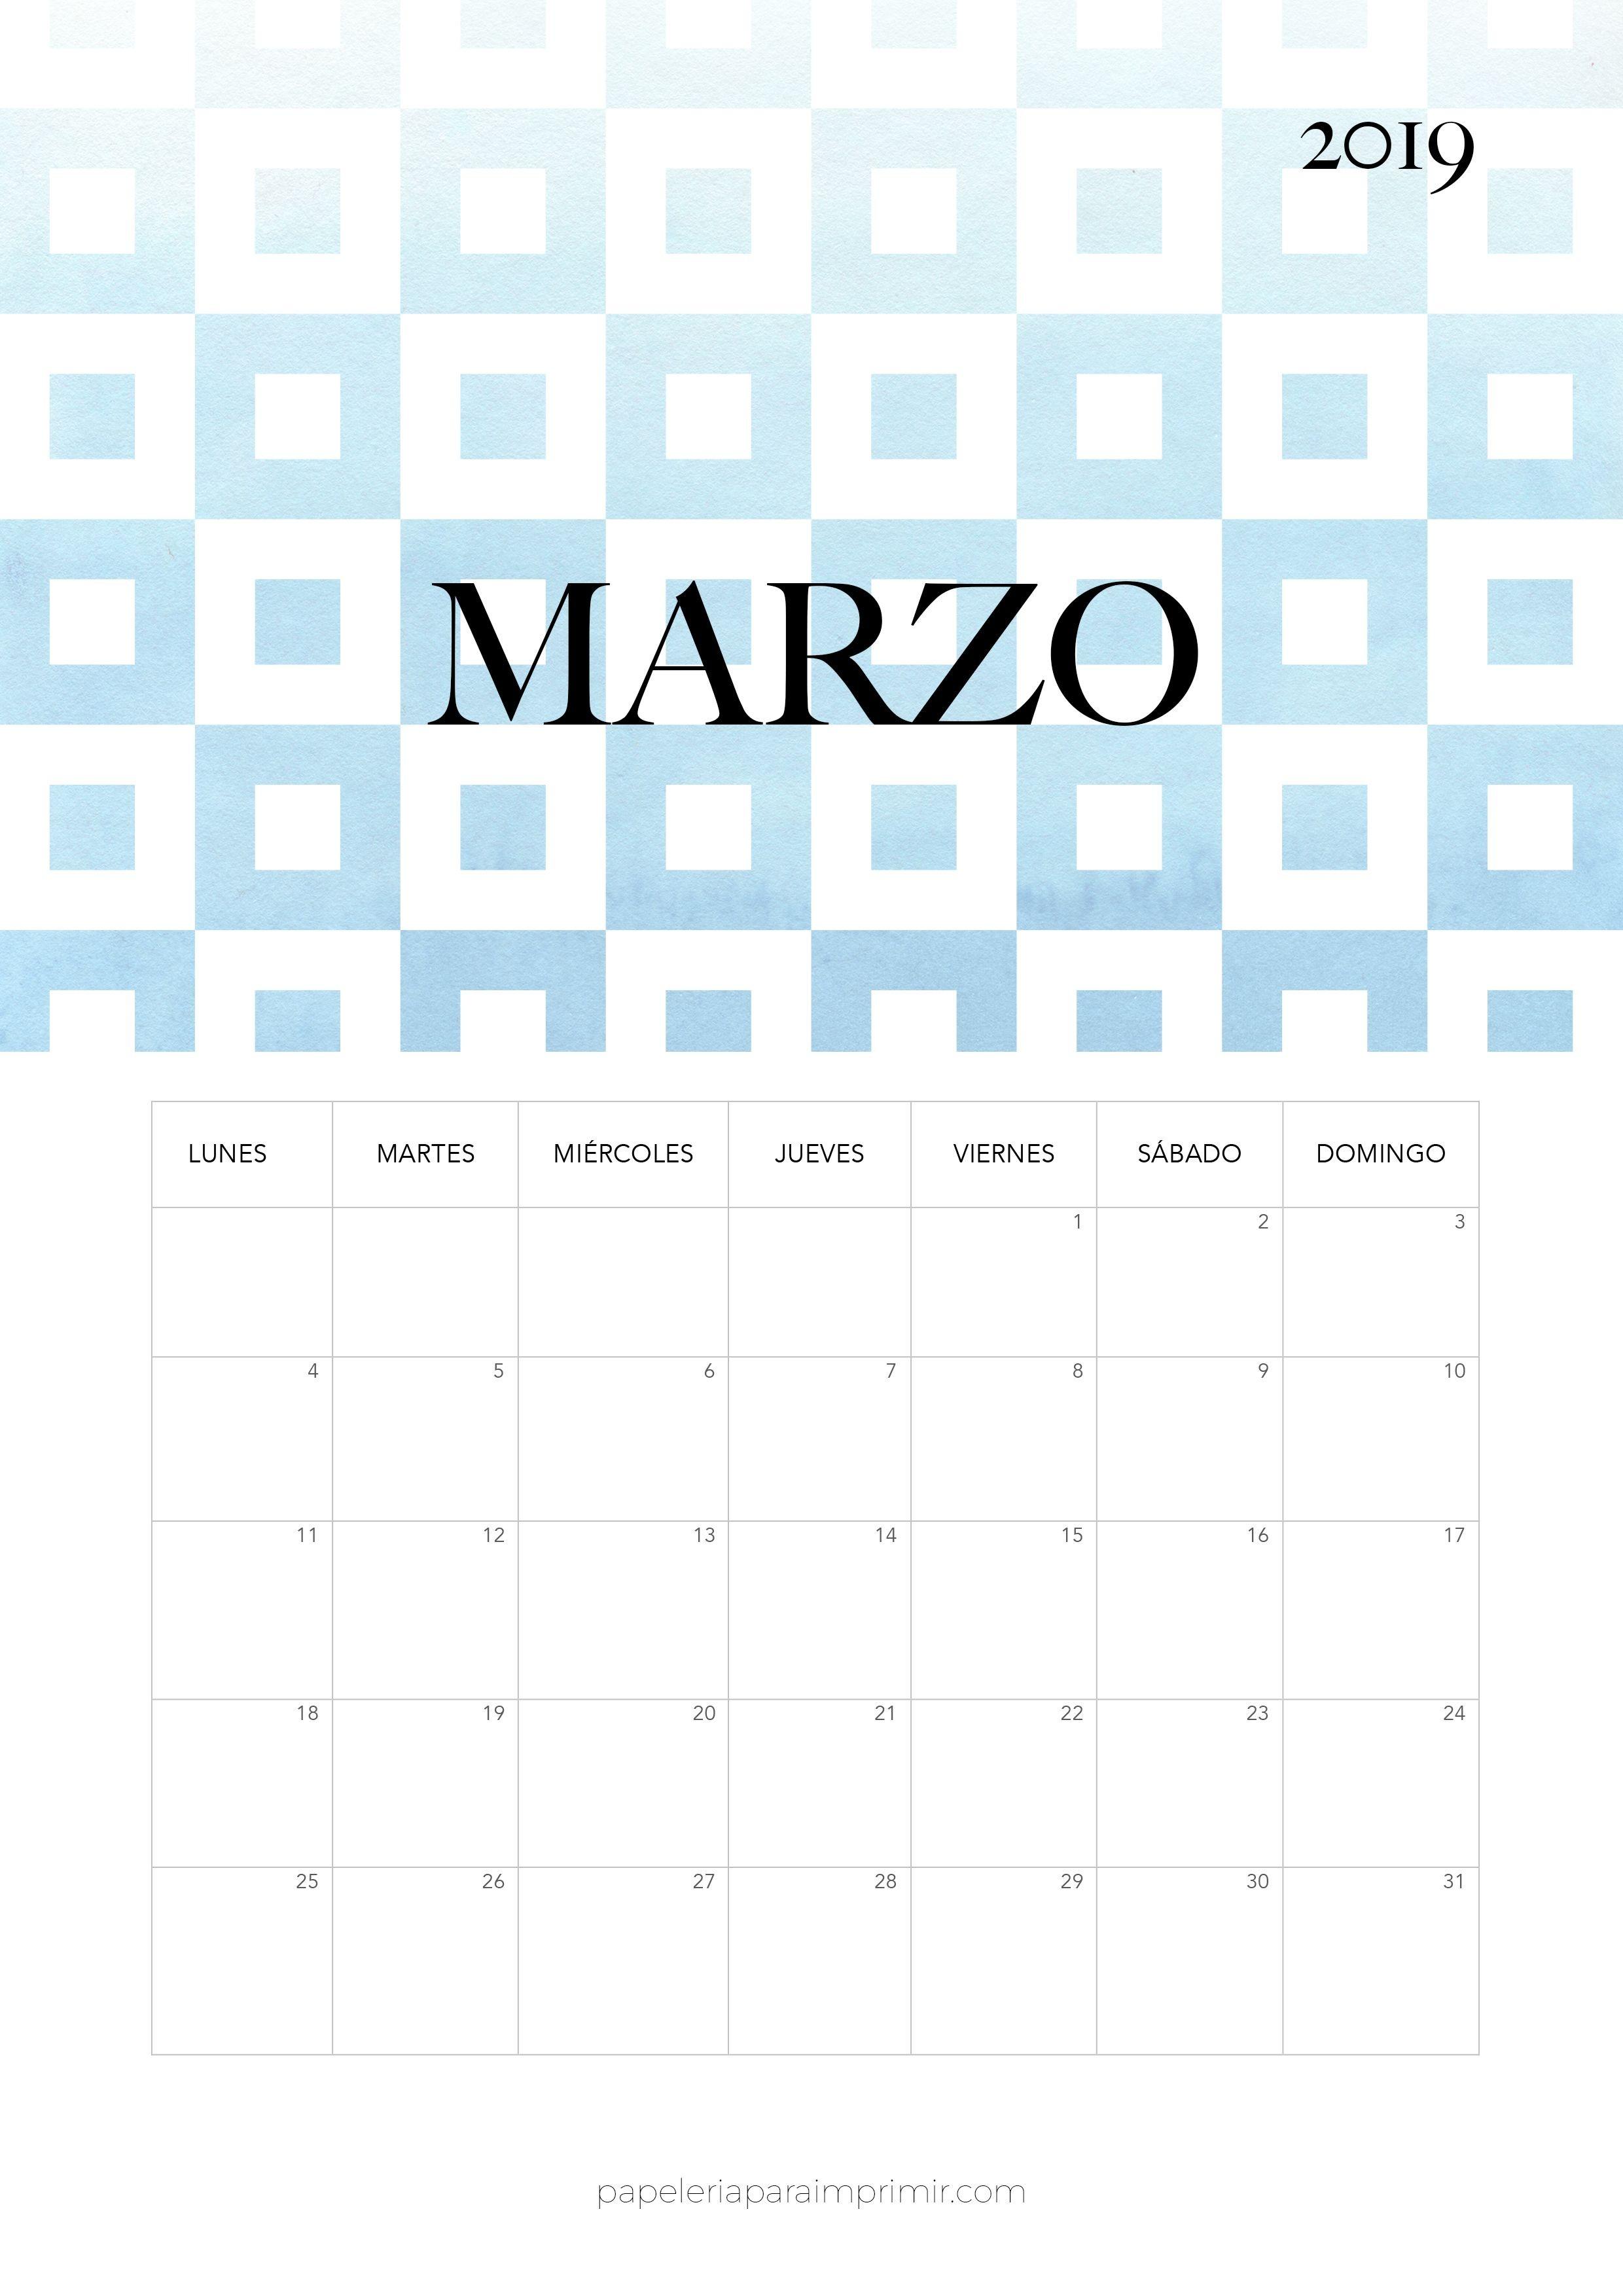 Calendario 2019 Para Imprimir Gratis Minimalista Más Arriba-a-fecha Pin De Aeuniceva En Imprimibles Portadas De Agendas